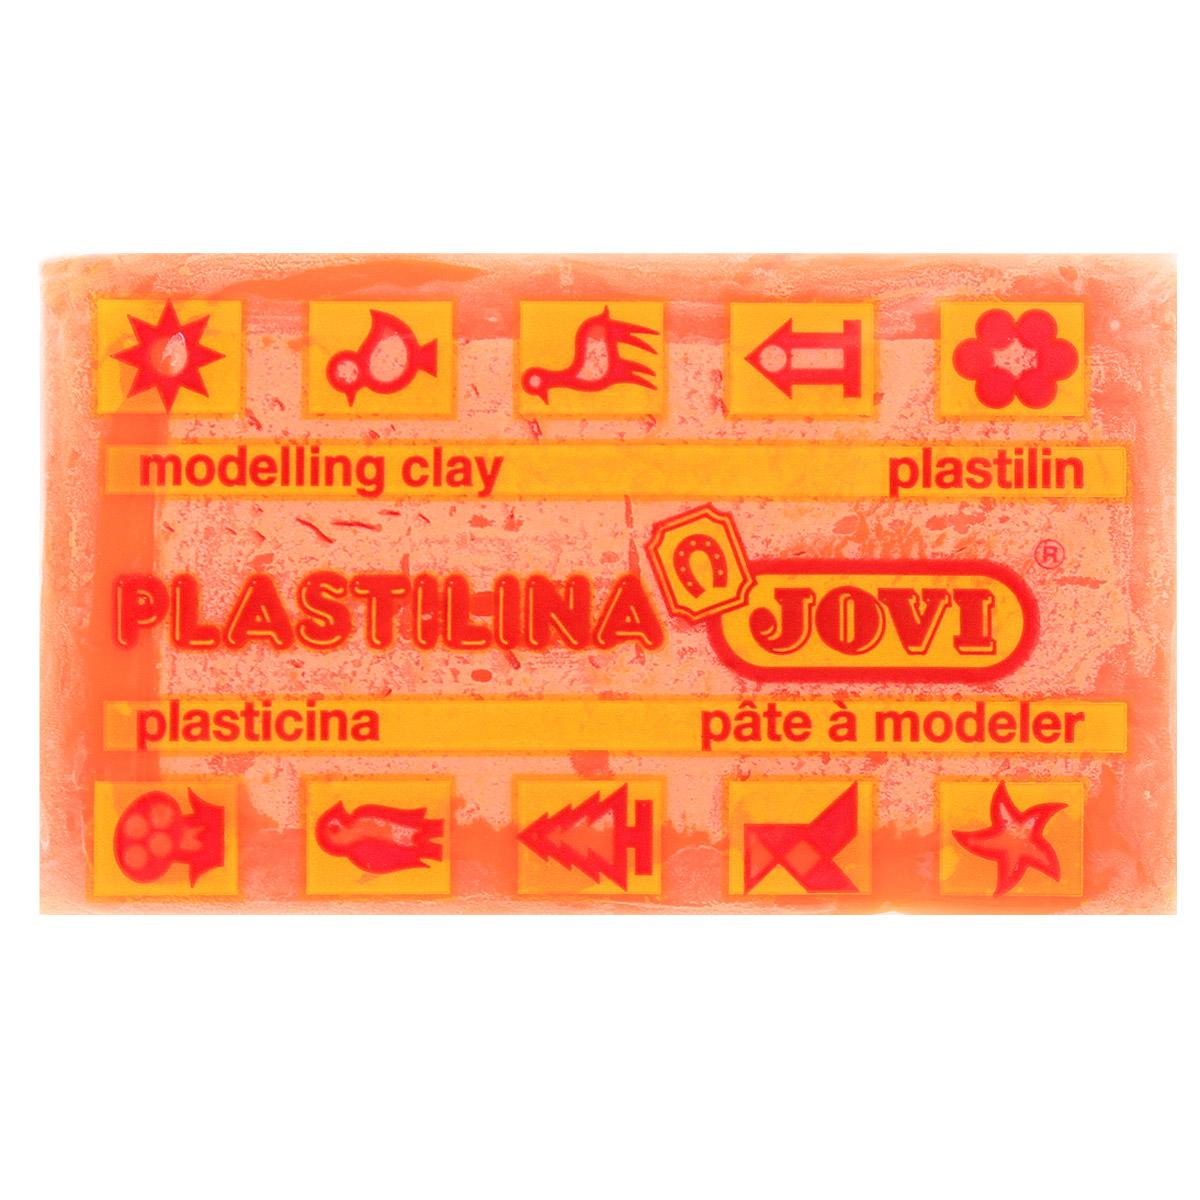 Jovi Пластилин флюоресцентный, цвет: ярко-оранжевый, 50 г paola reina пупс горди без одежды 34 см 34027 34028